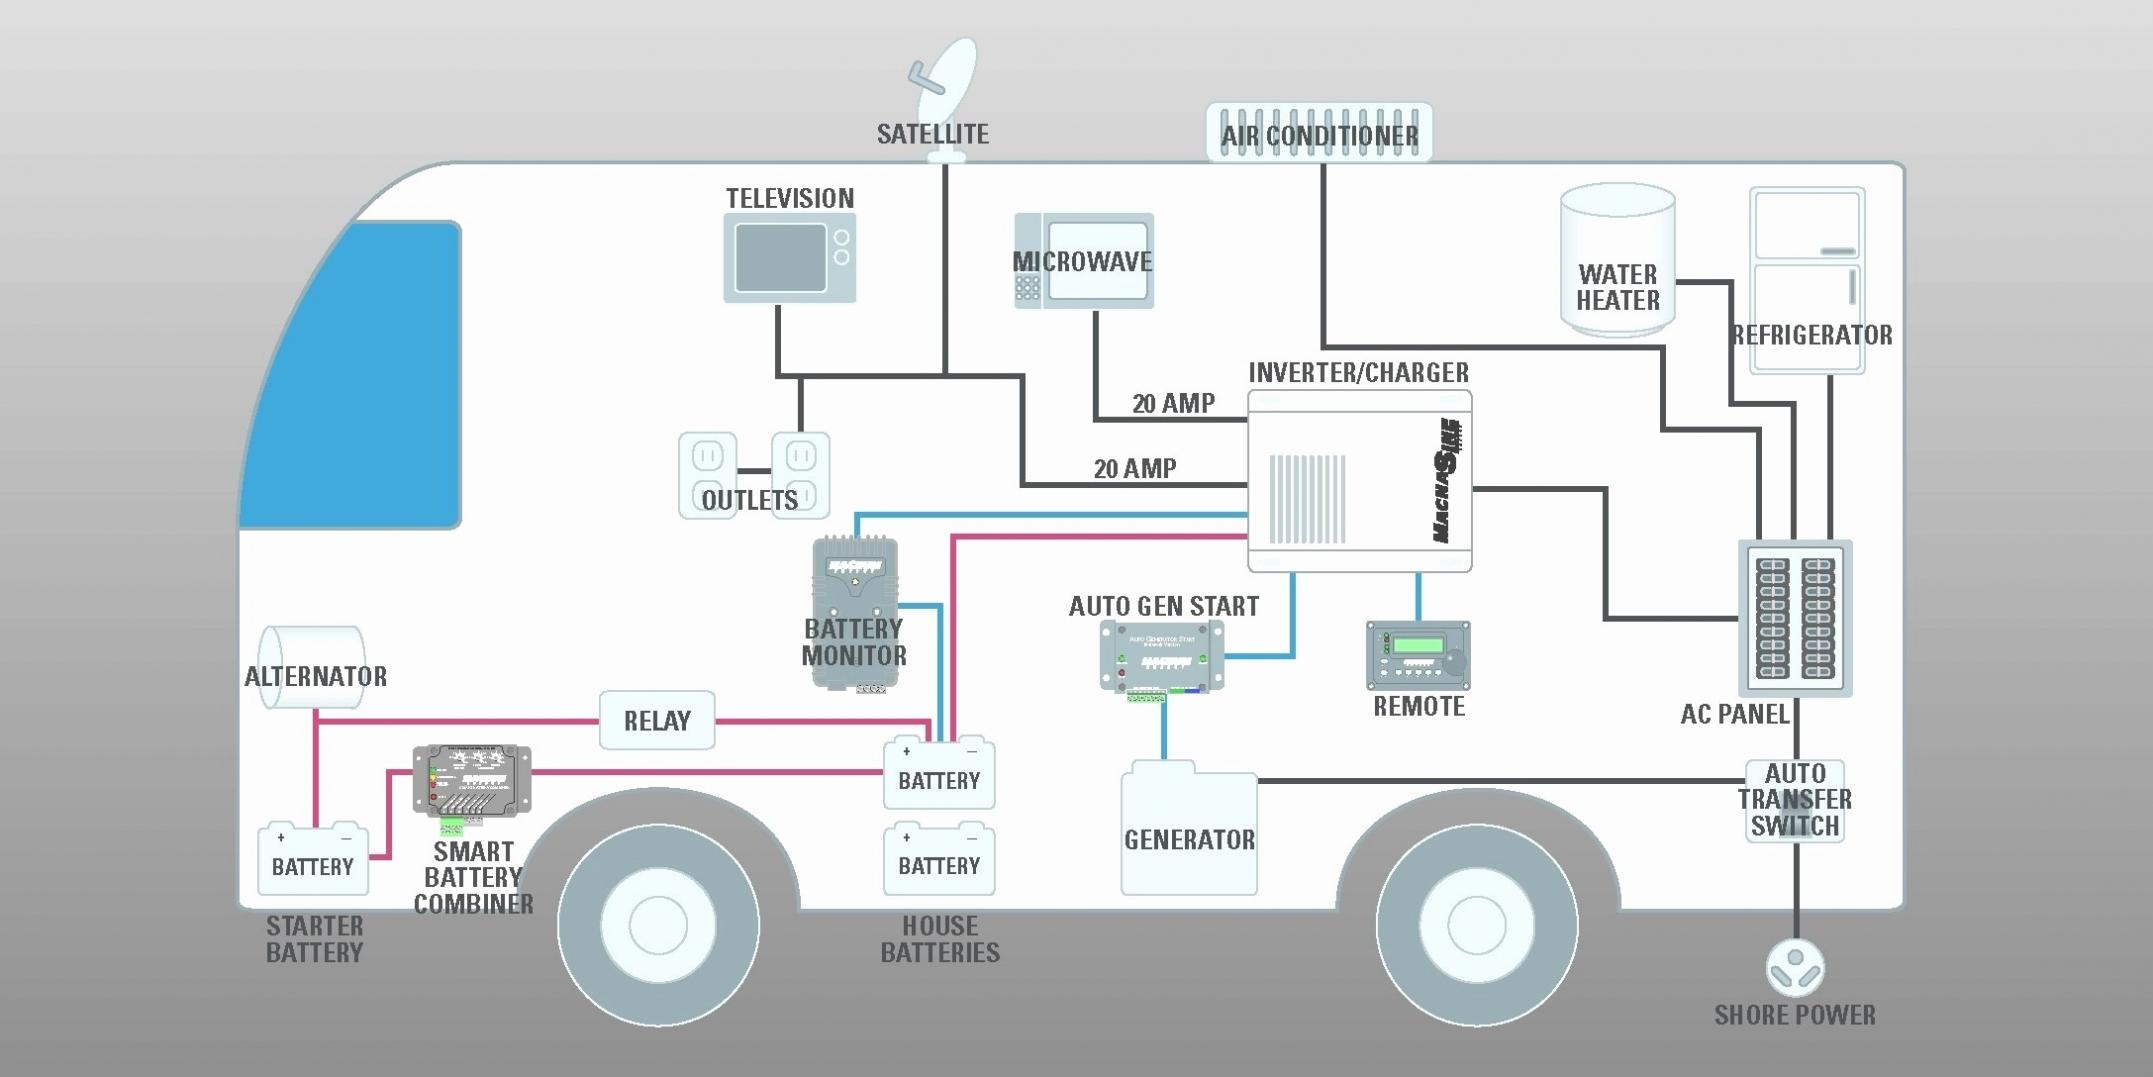 Monaco Rv Wiring Schematic | Wiring Diagram - Monaco Rv Wiring Diagram